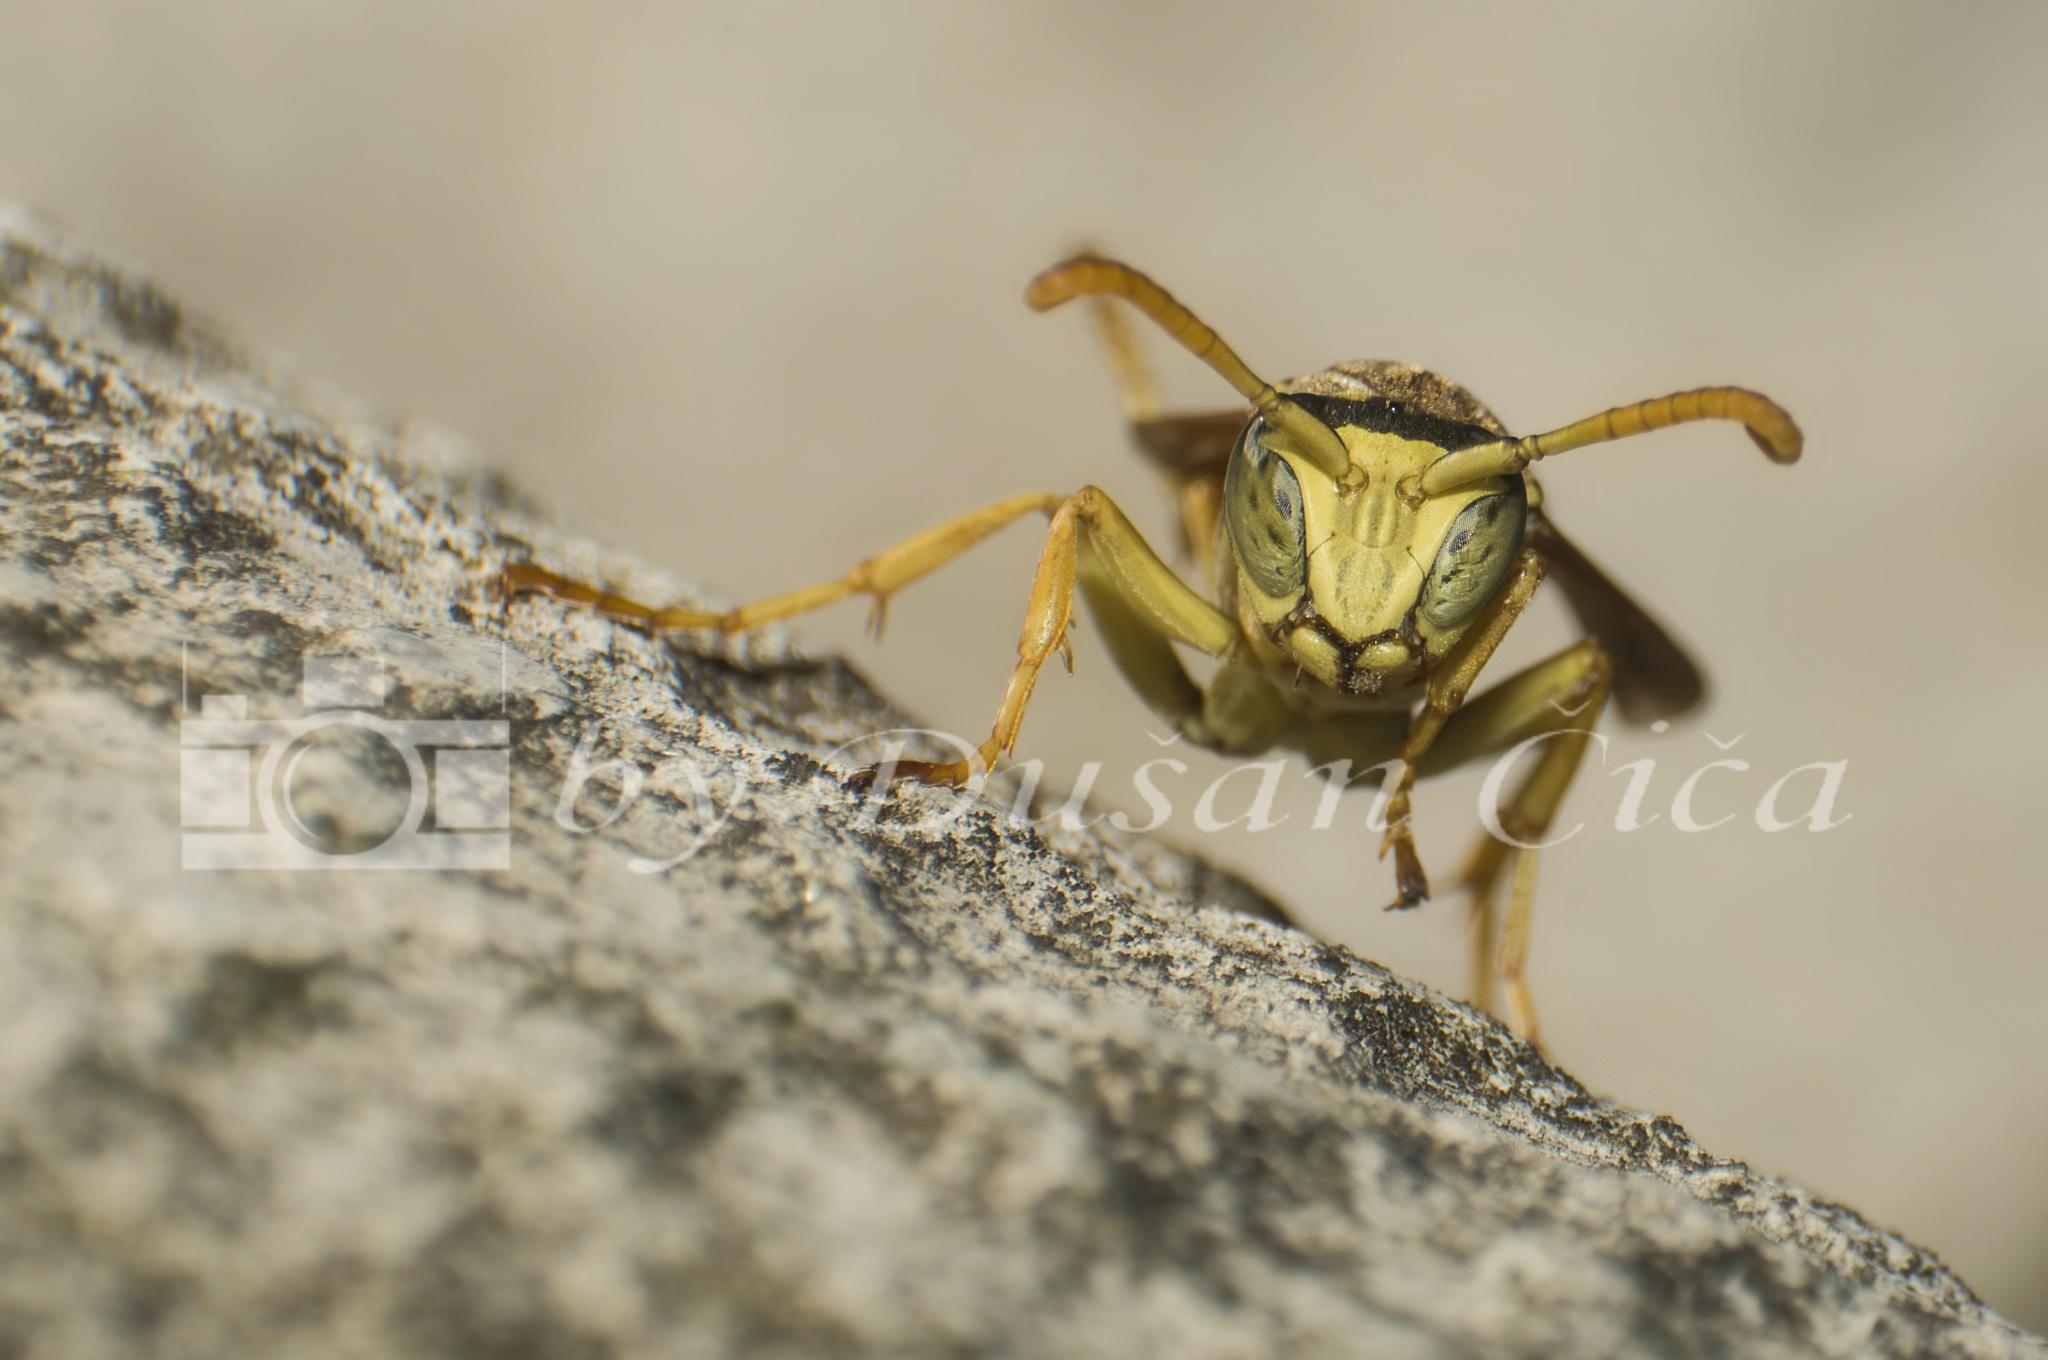 Wasp by Dušan Čiča